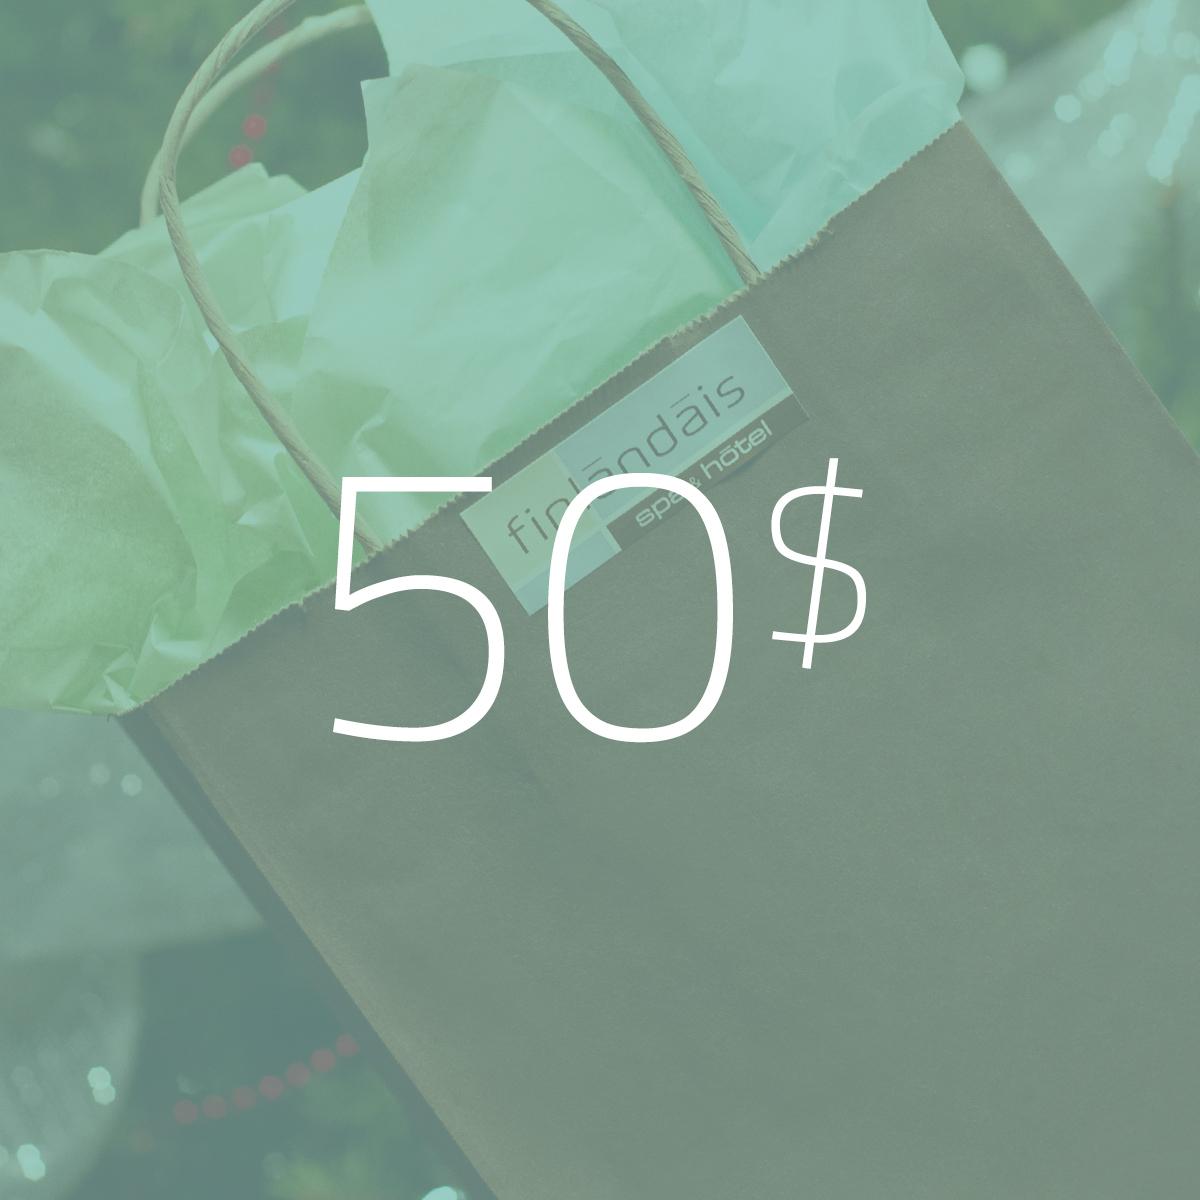 Les carte cadeau de 50$ du Finlandais